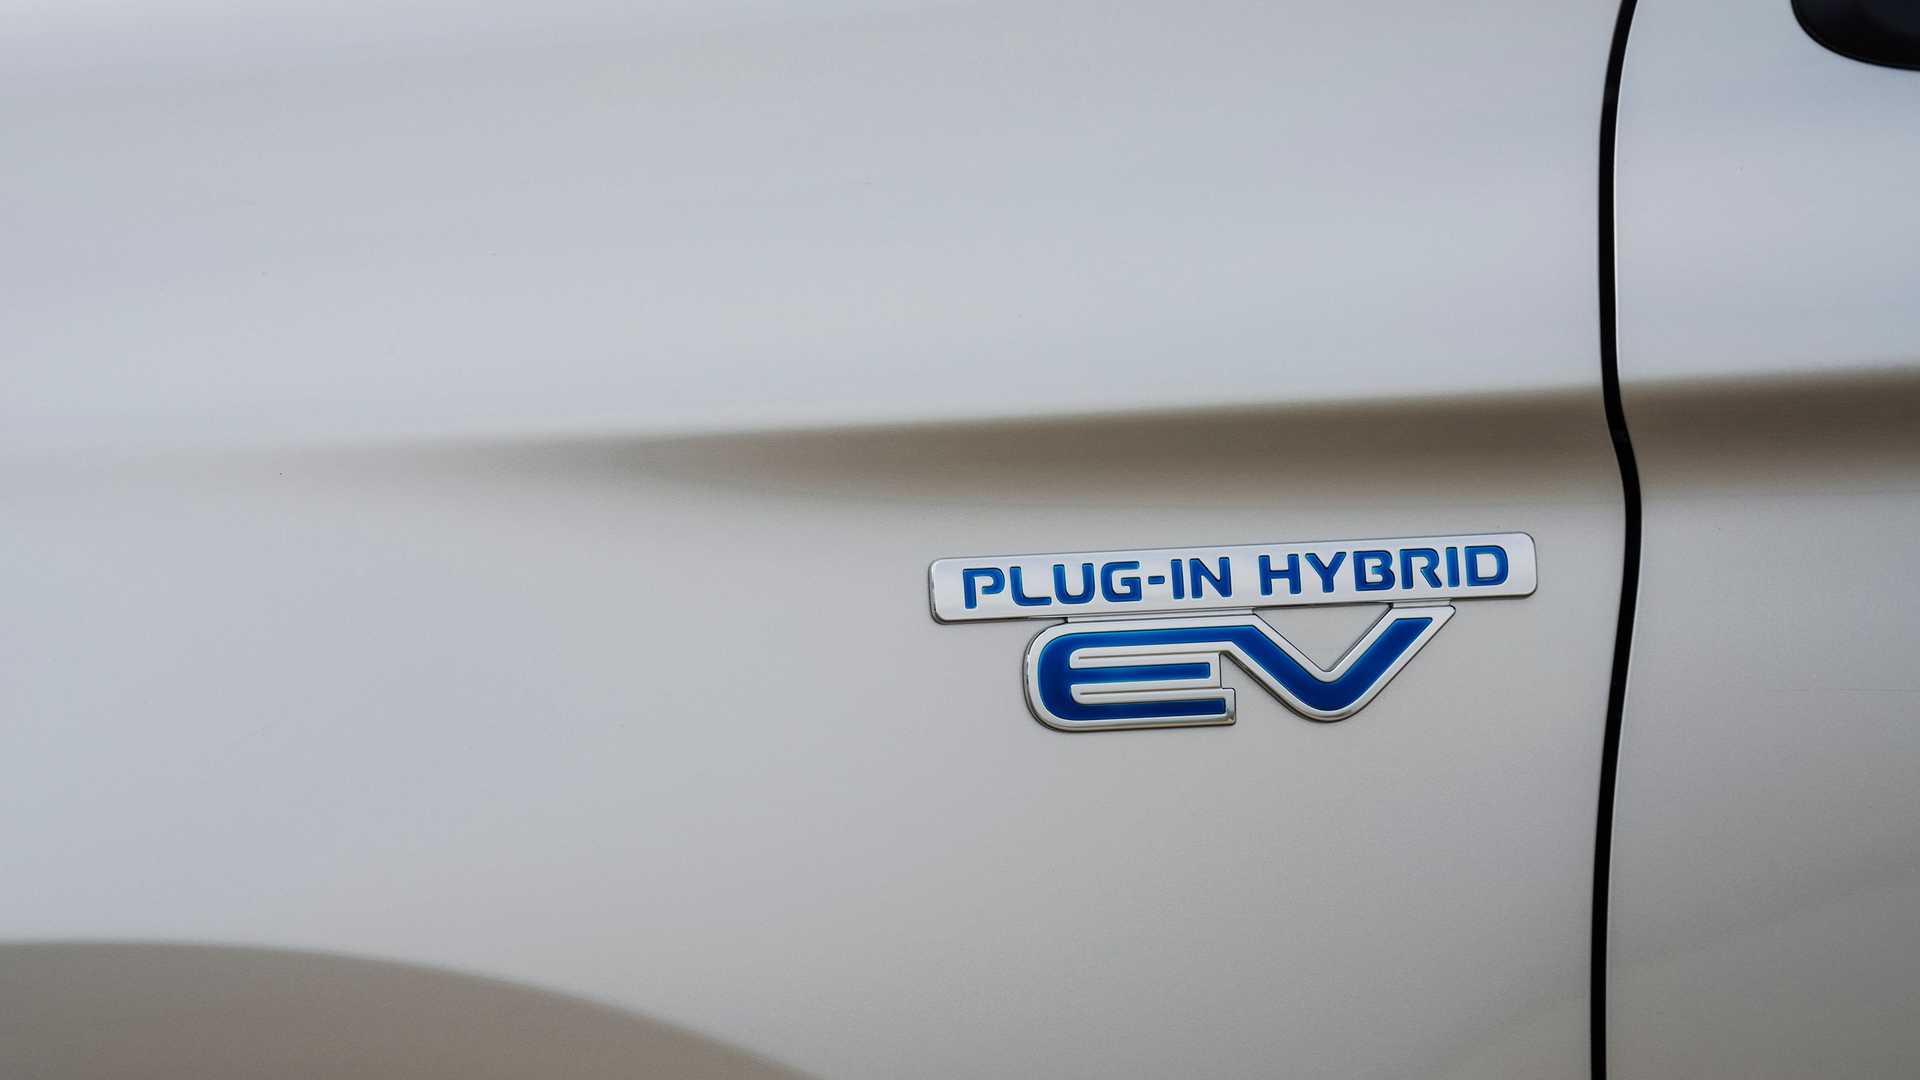 1190497 145 اوتلندر 2021 پلاگین هیبرید؛ نسخه جدیدتر، قویتر اما با قیمت ثابت!/ عکس